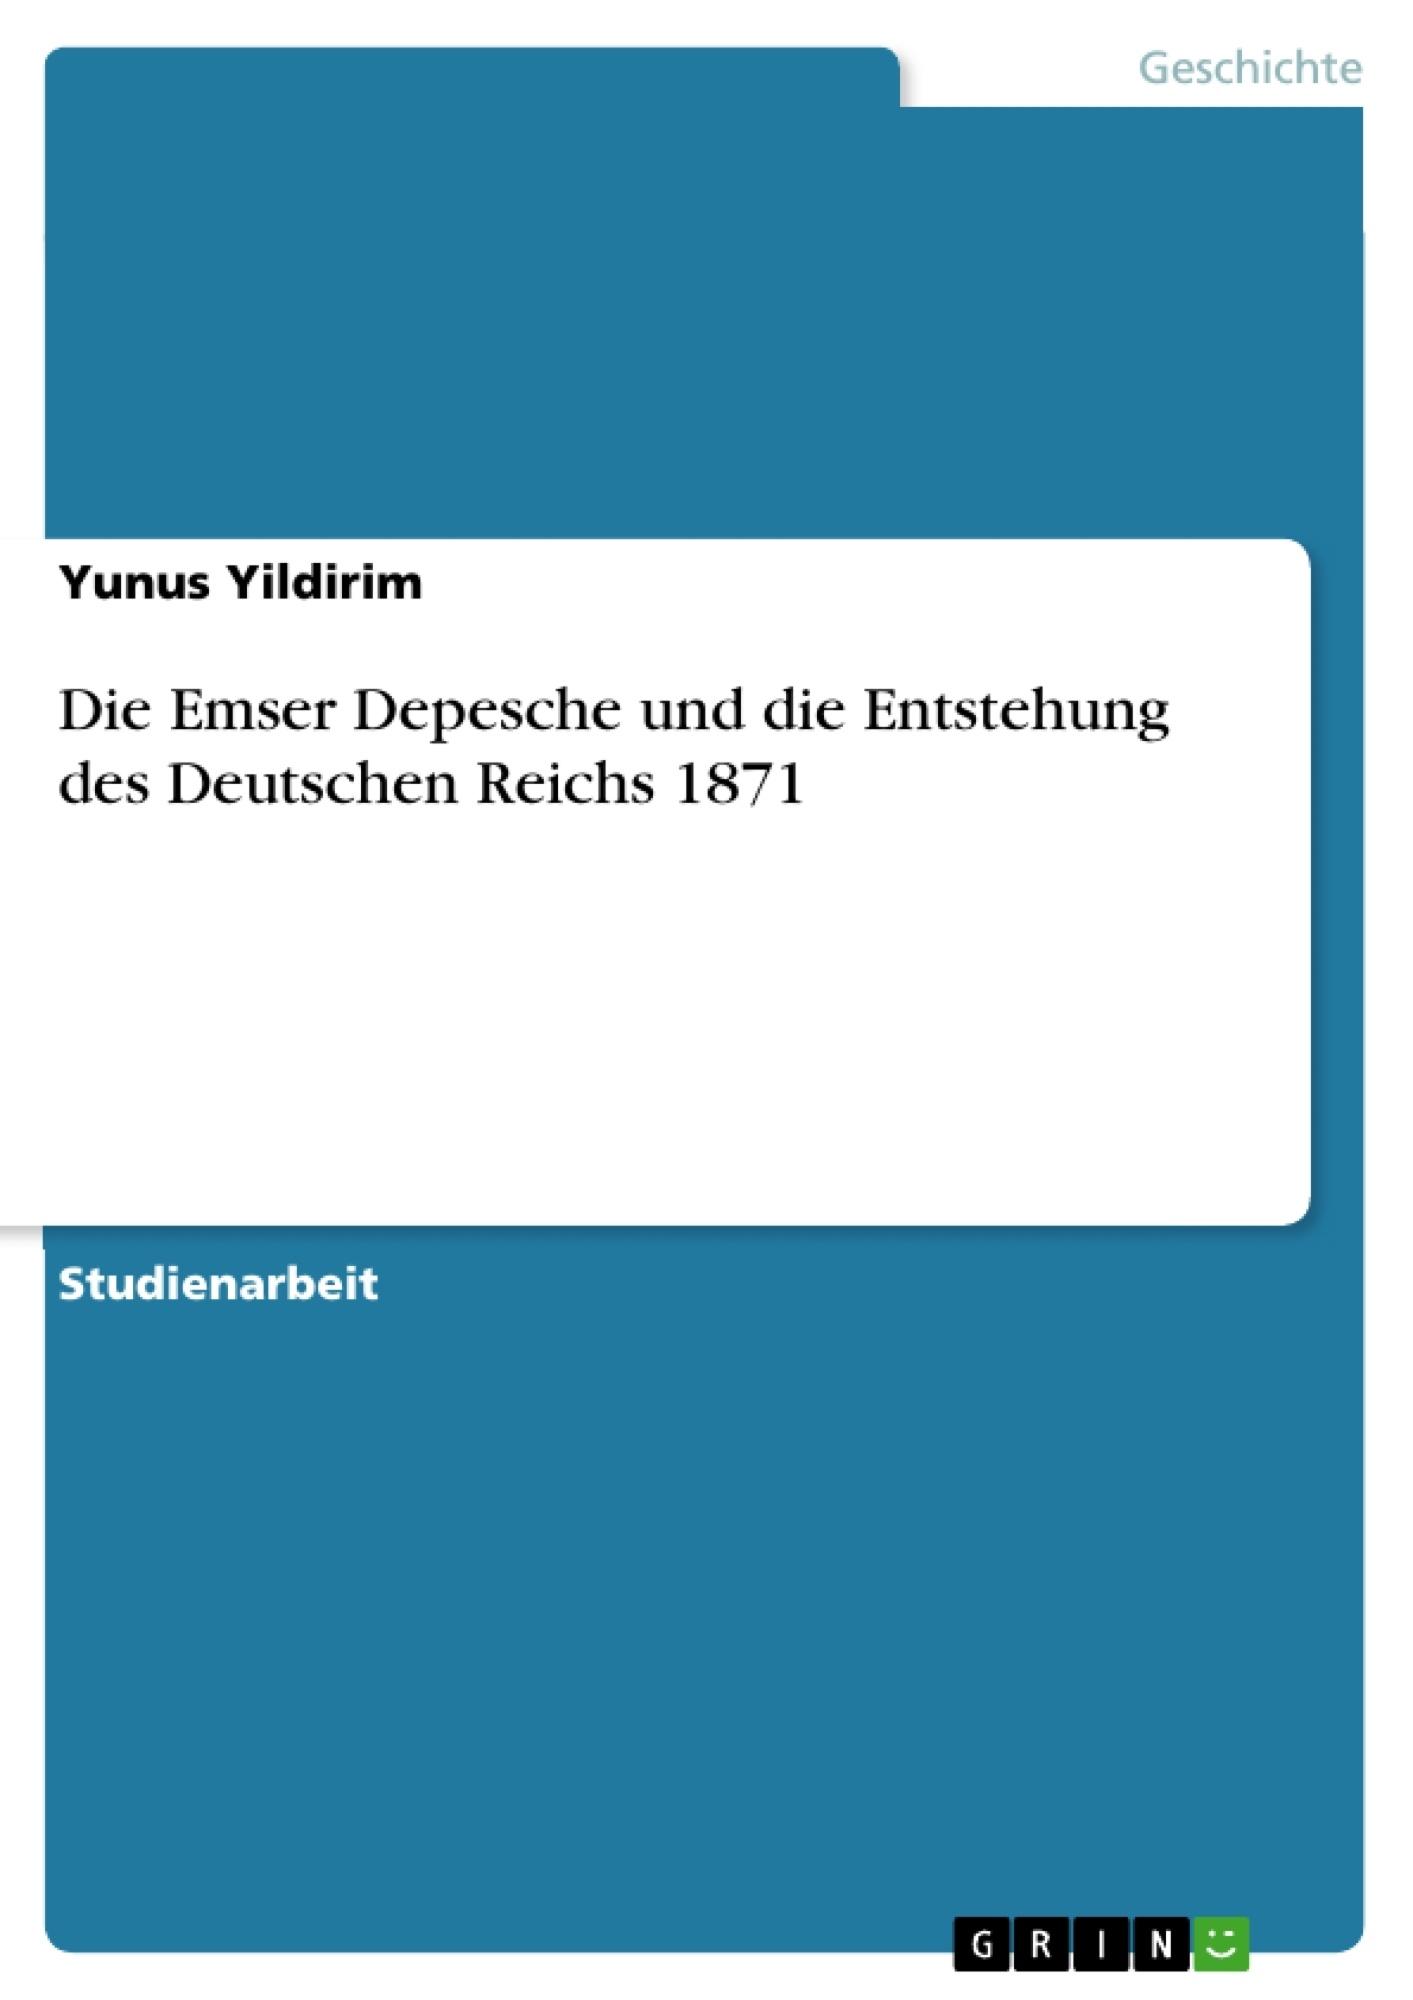 Titel: Die Emser Depesche und die Entstehung des Deutschen Reichs 1871